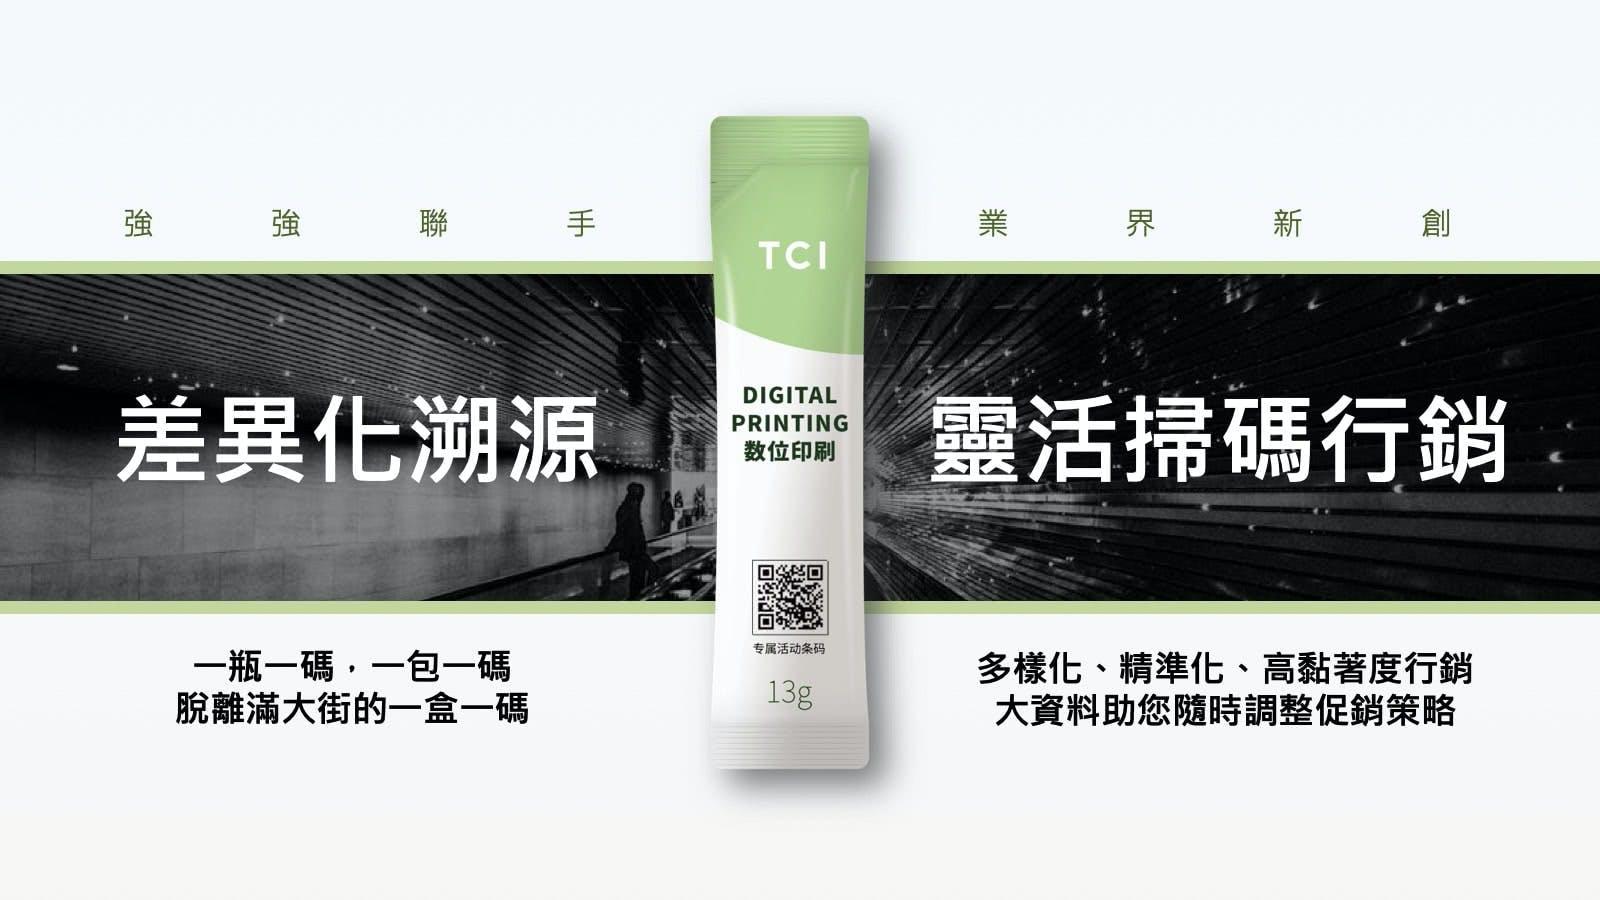 TCI 數位印刷